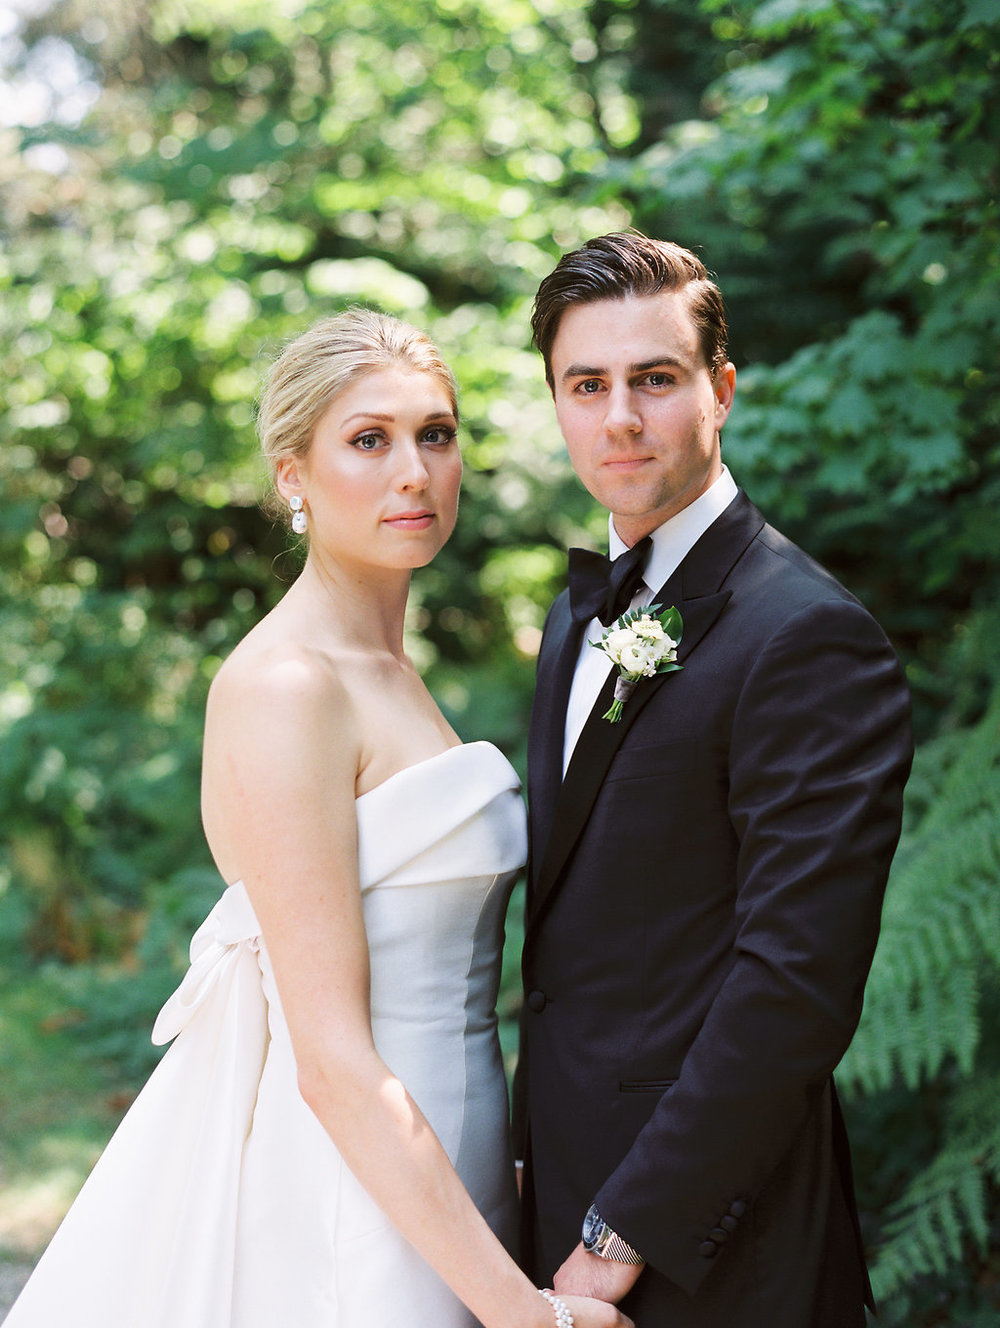 Julia&AndrewPRINT-23.jpg